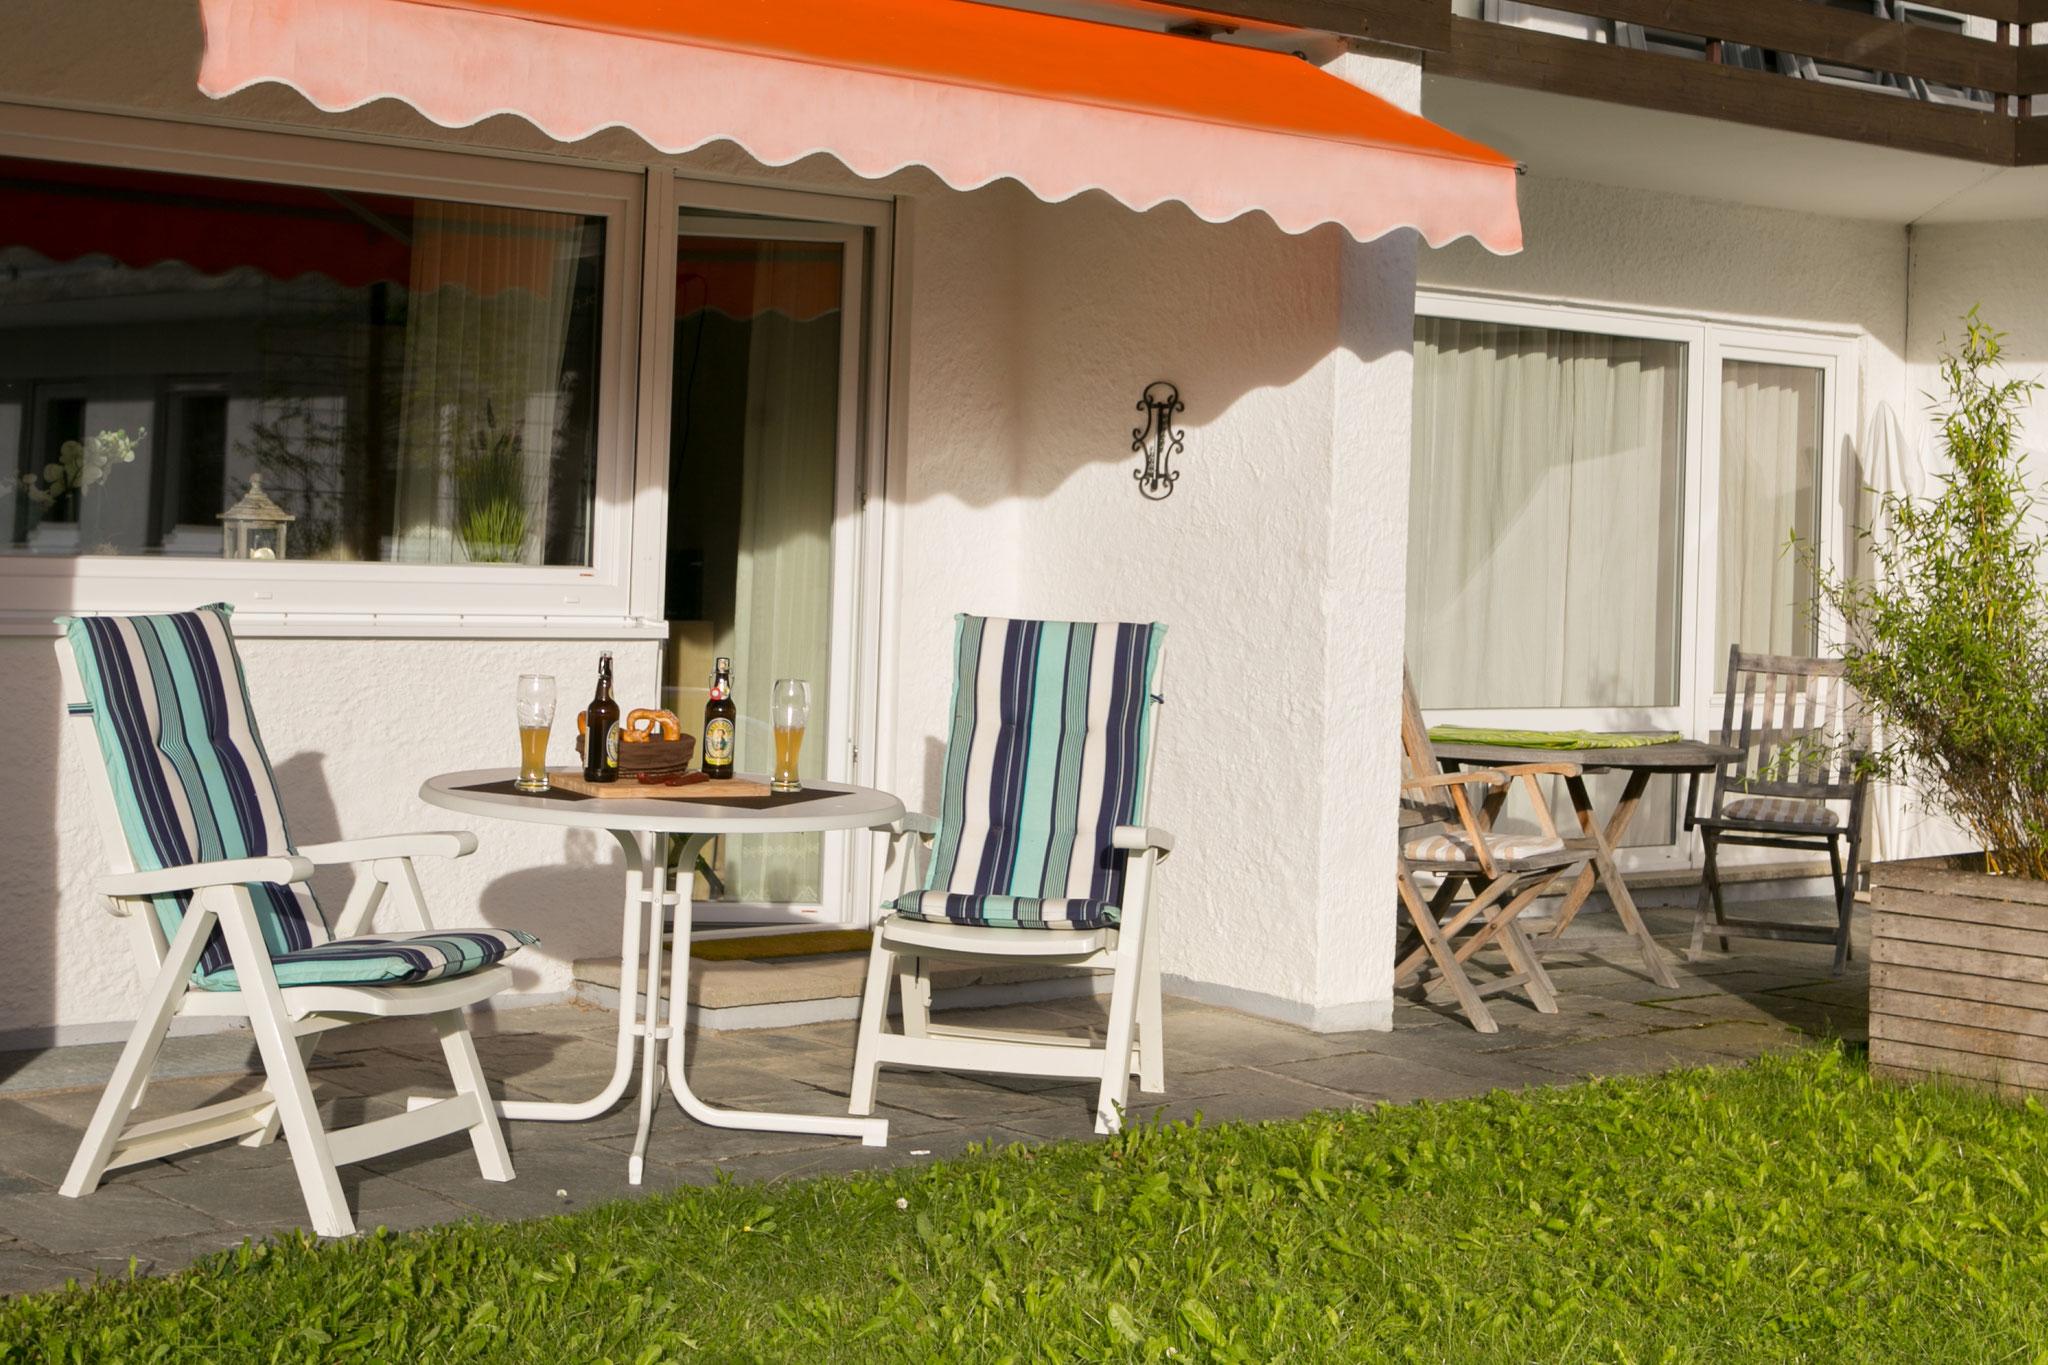 Terrasse in Südlage, Sonne bis Abends